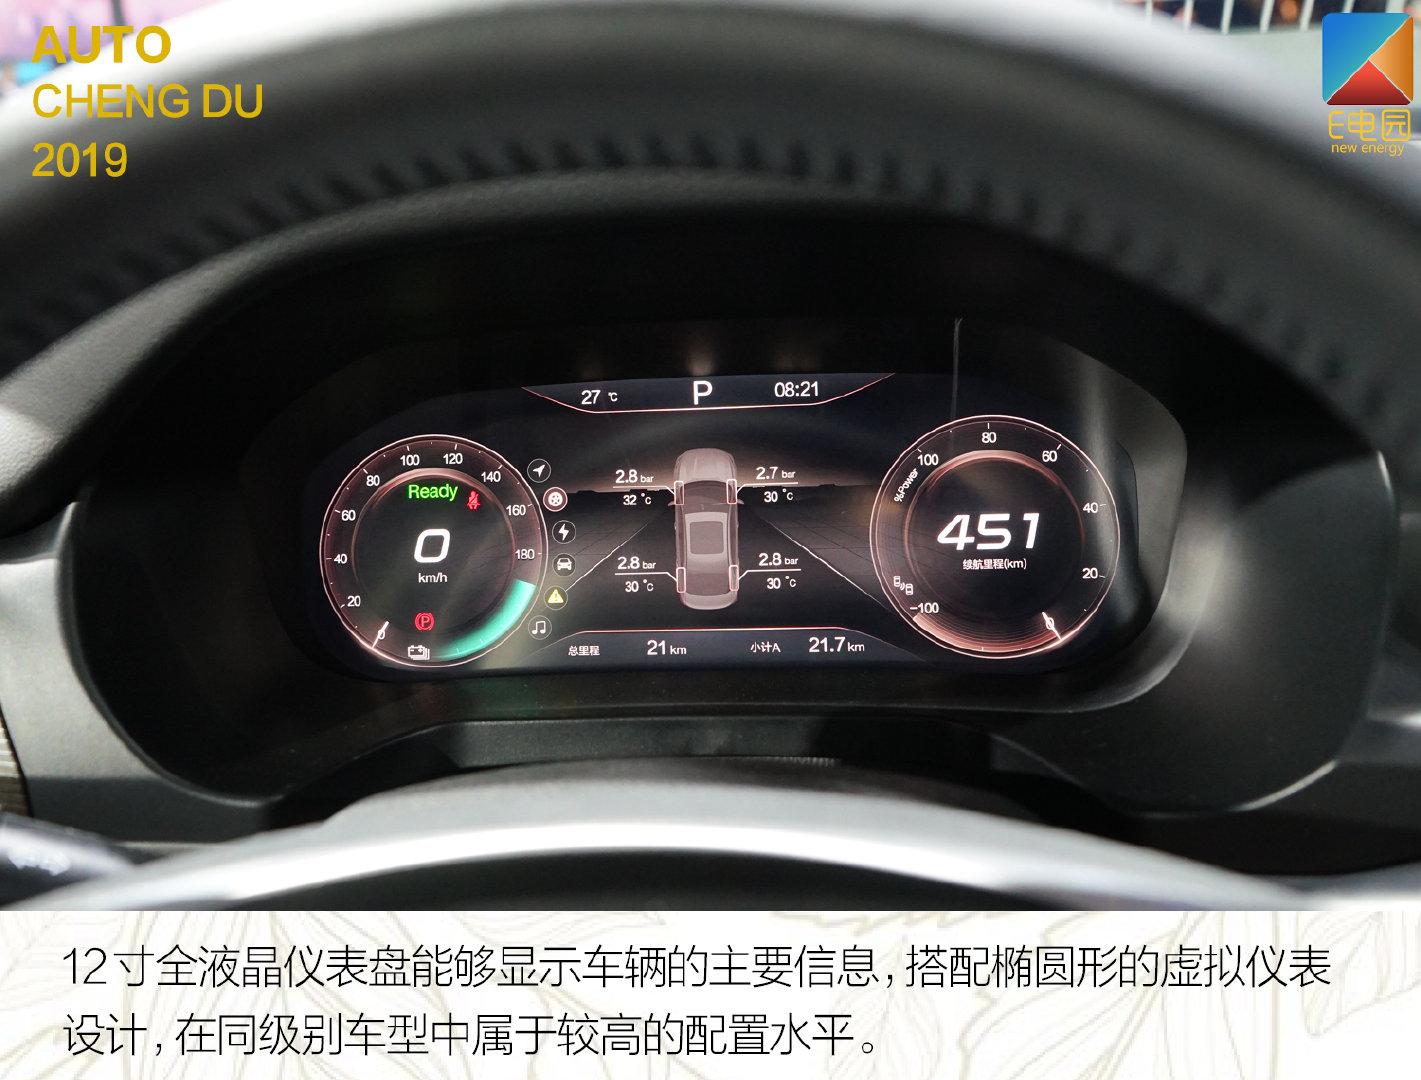 续航451km/换装新车标 北汽新能源EU7能否让你满意?